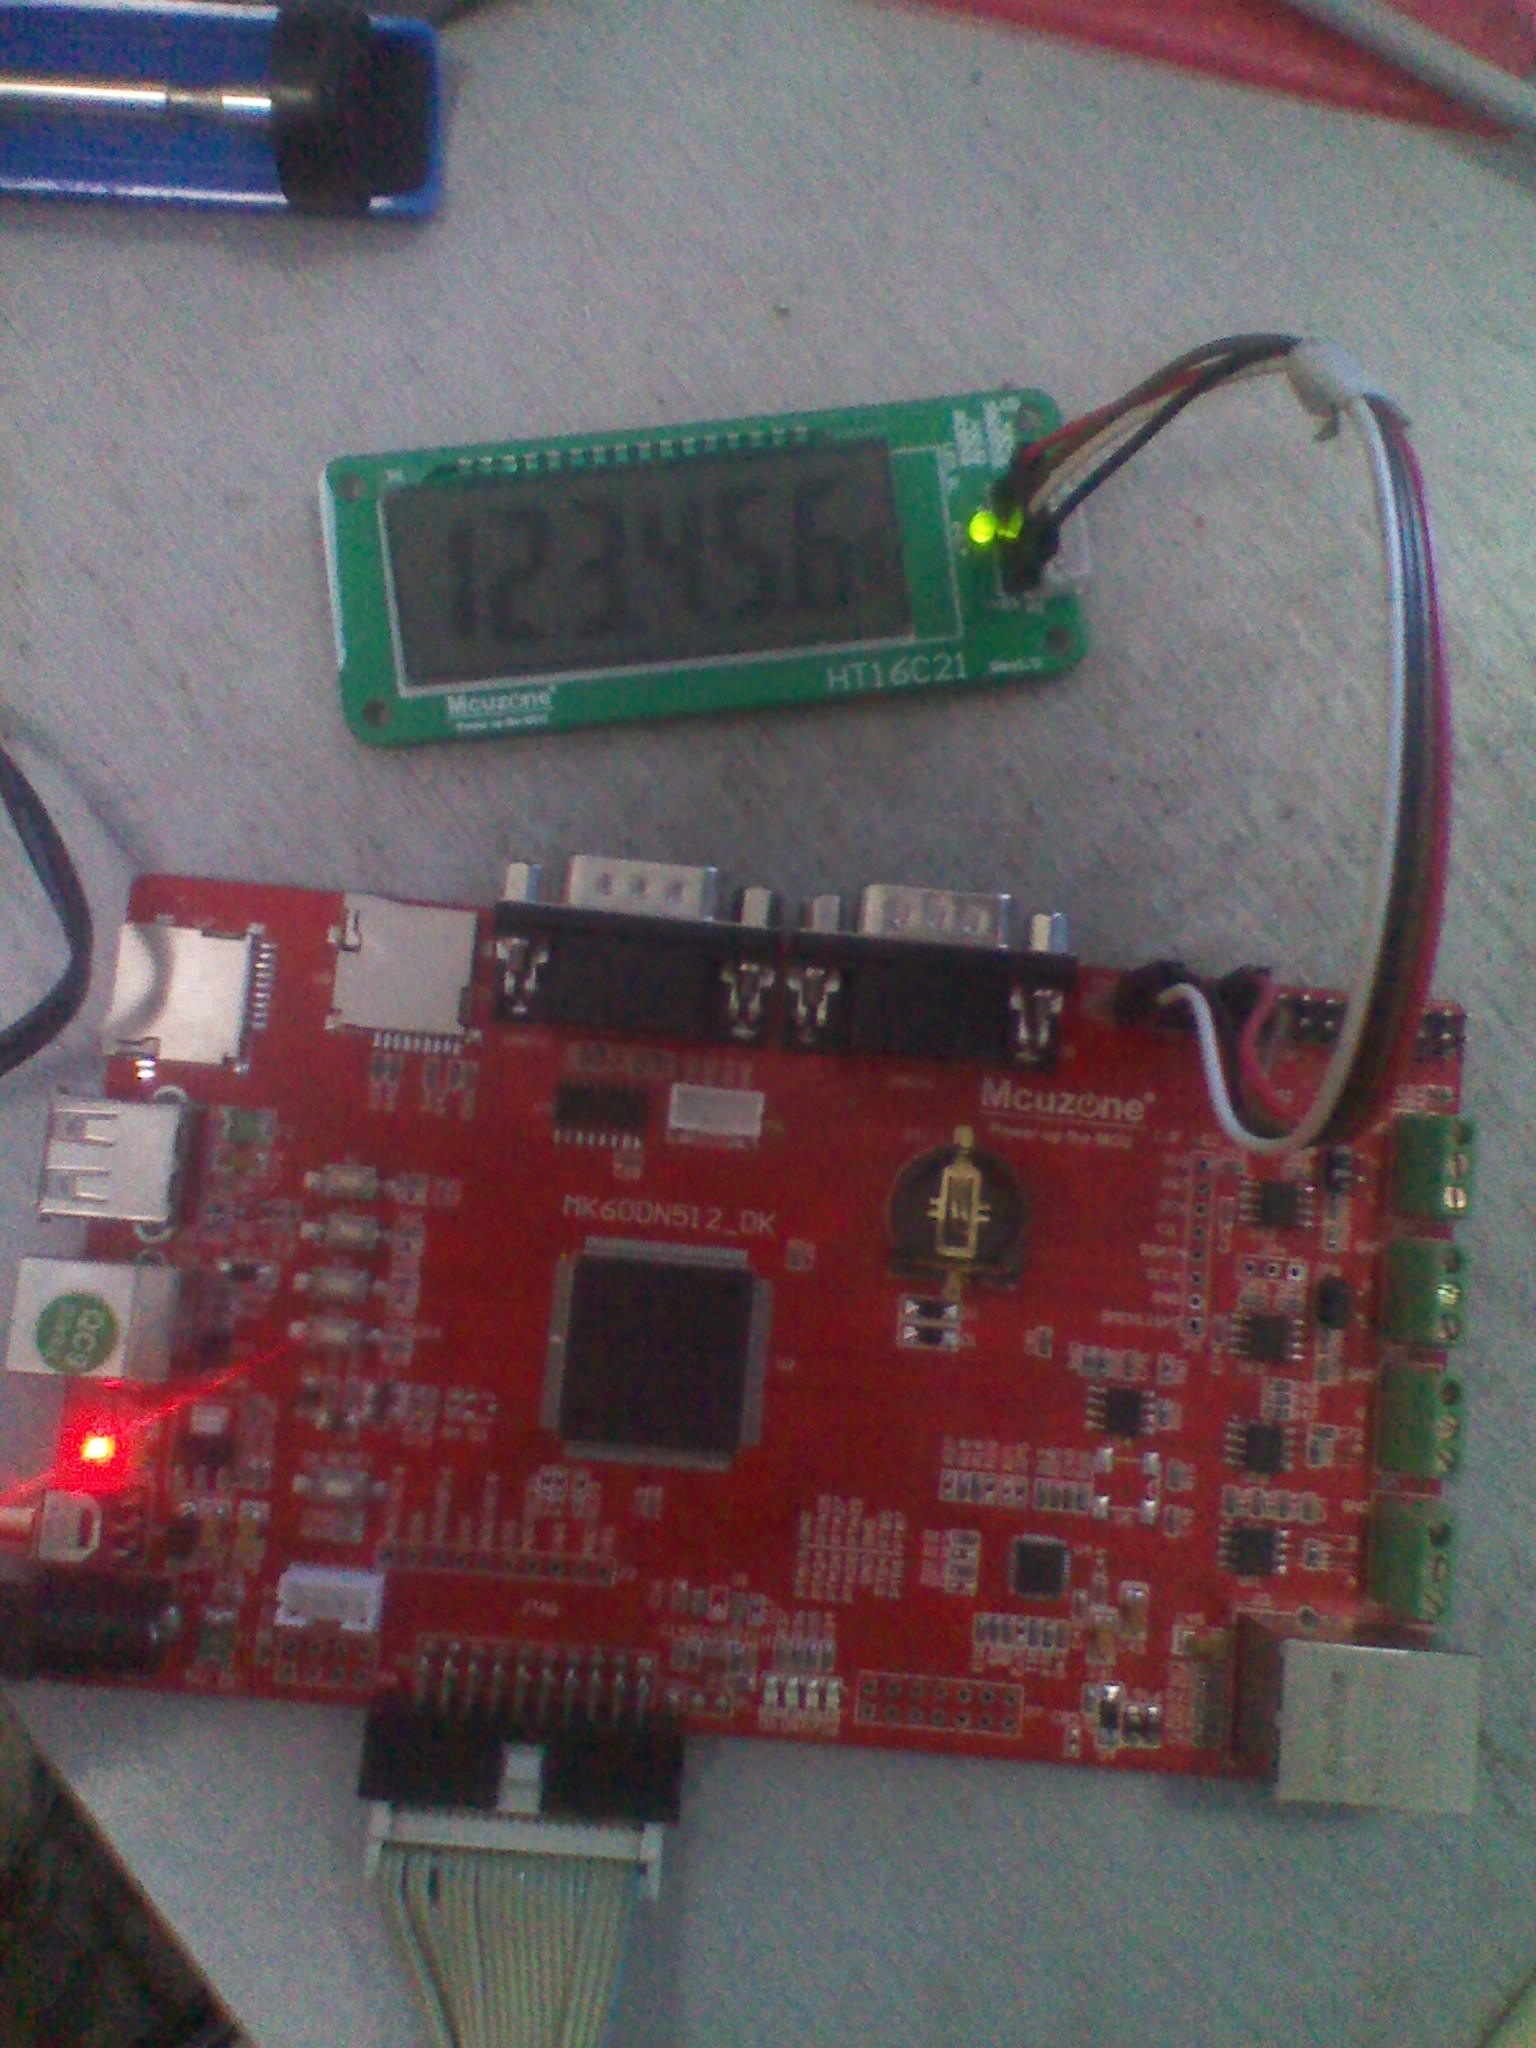 基于k60-ek的ht16c21段式液晶屏模块驱动演示